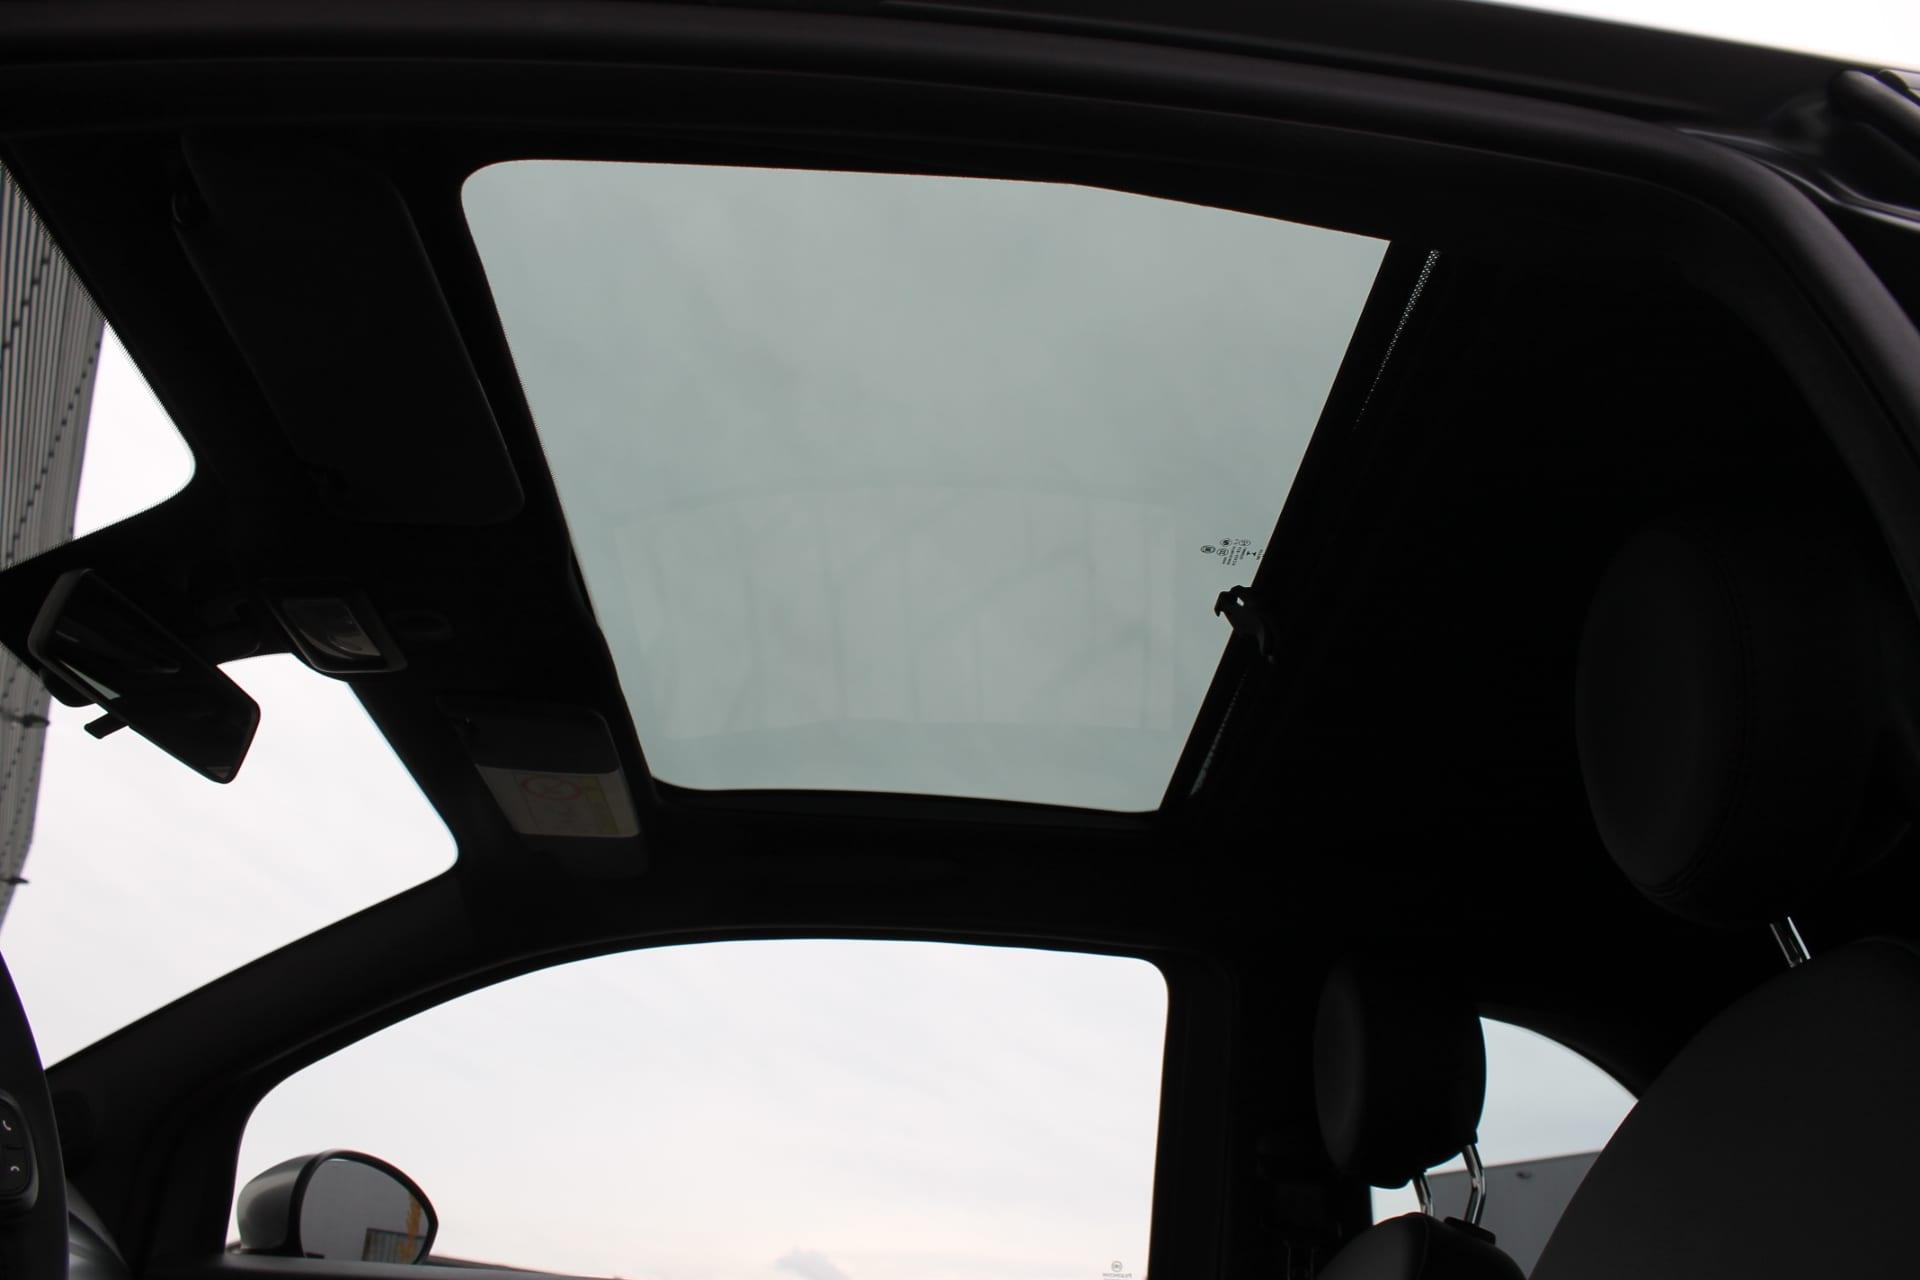 Fiat 500 Rockstar matgroen - glazen panoramadak